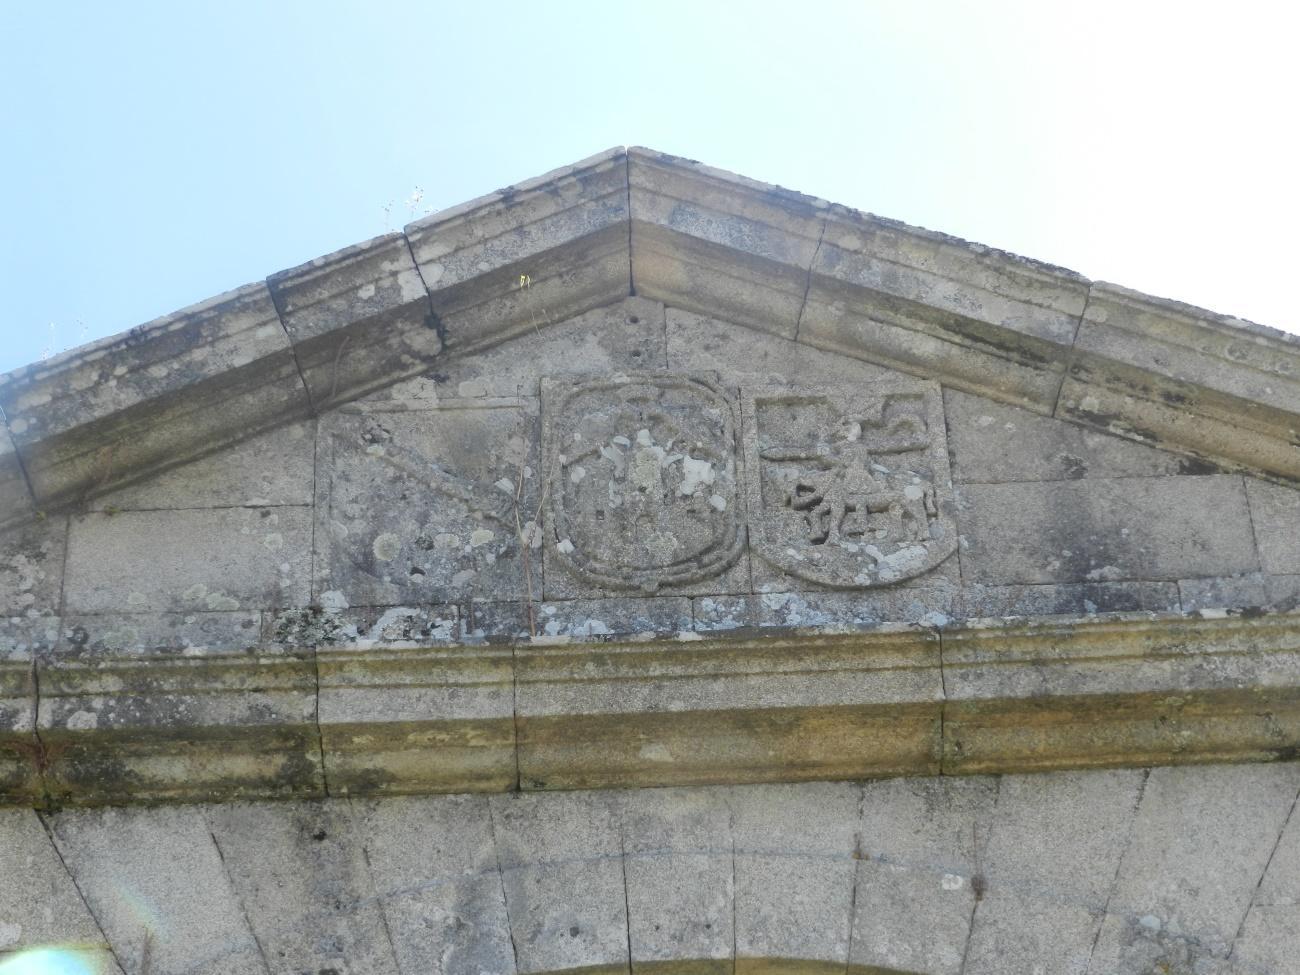 http://www.monterroso.es/sites/default/files/turismo/tradicion/pazolaxe5.jpg